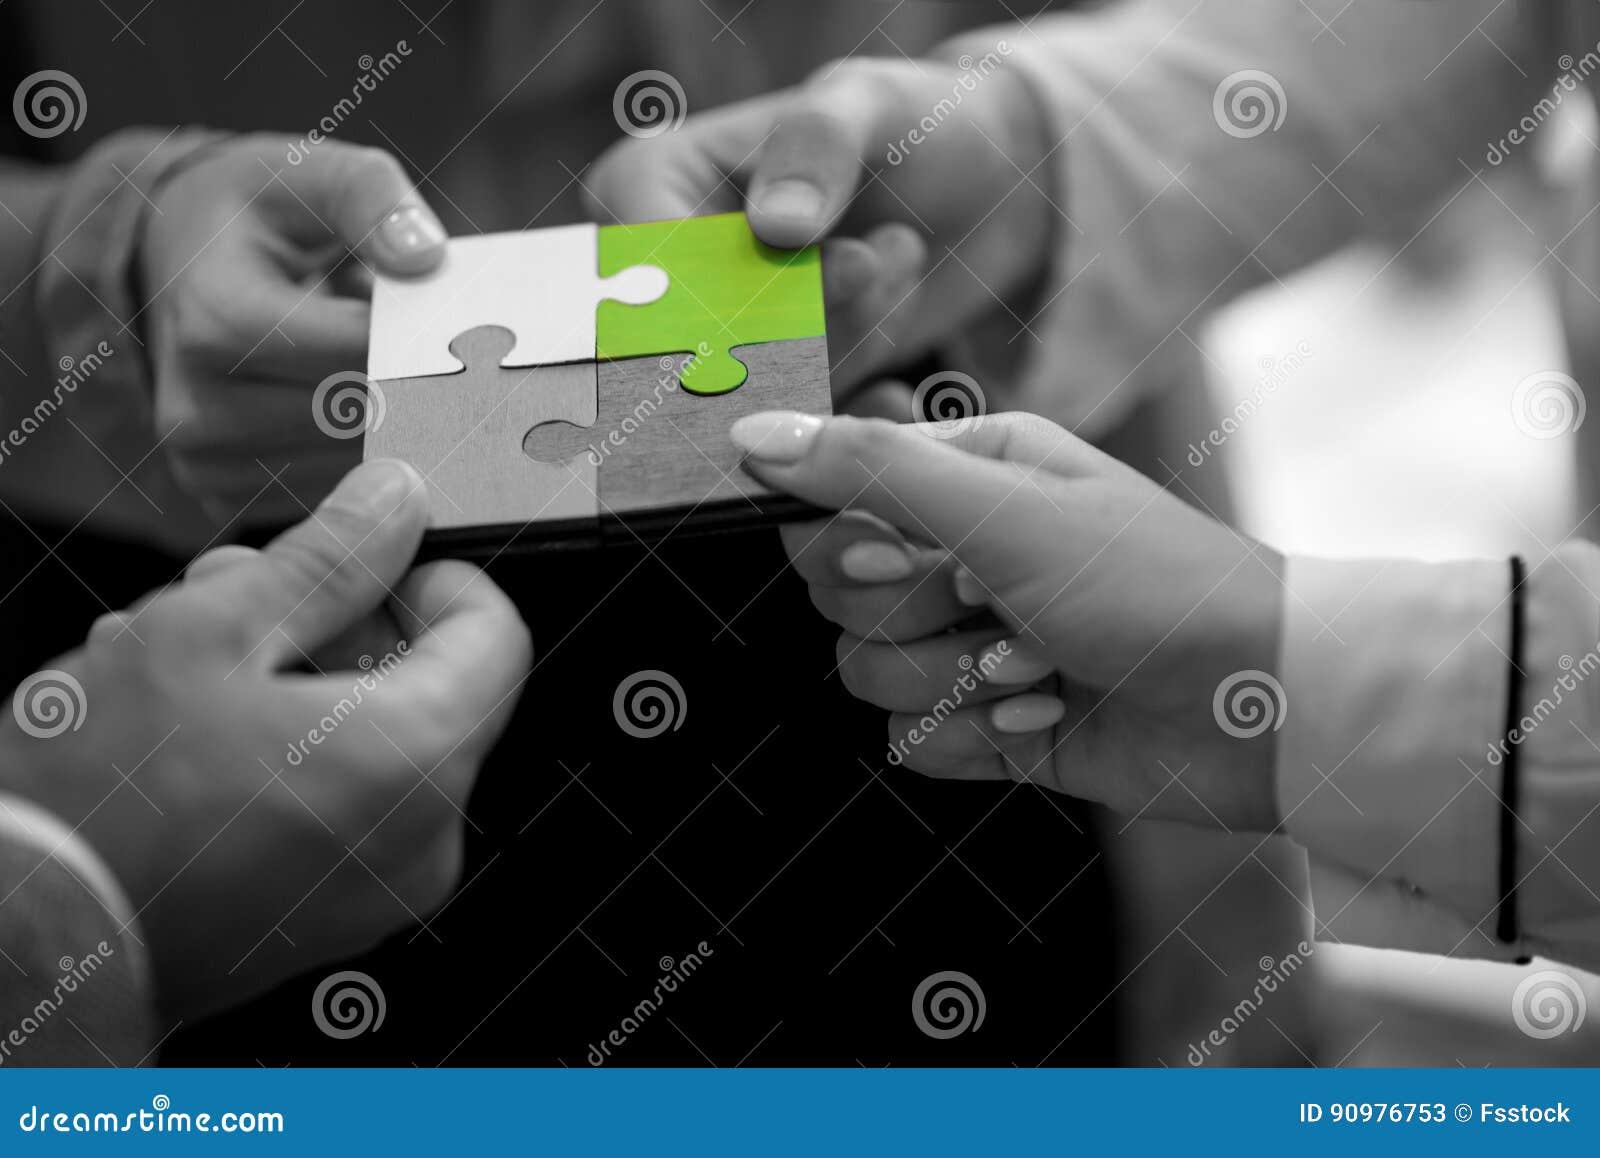 De Samenwerking Team Concept van de bedrijfsmensenpuzzel